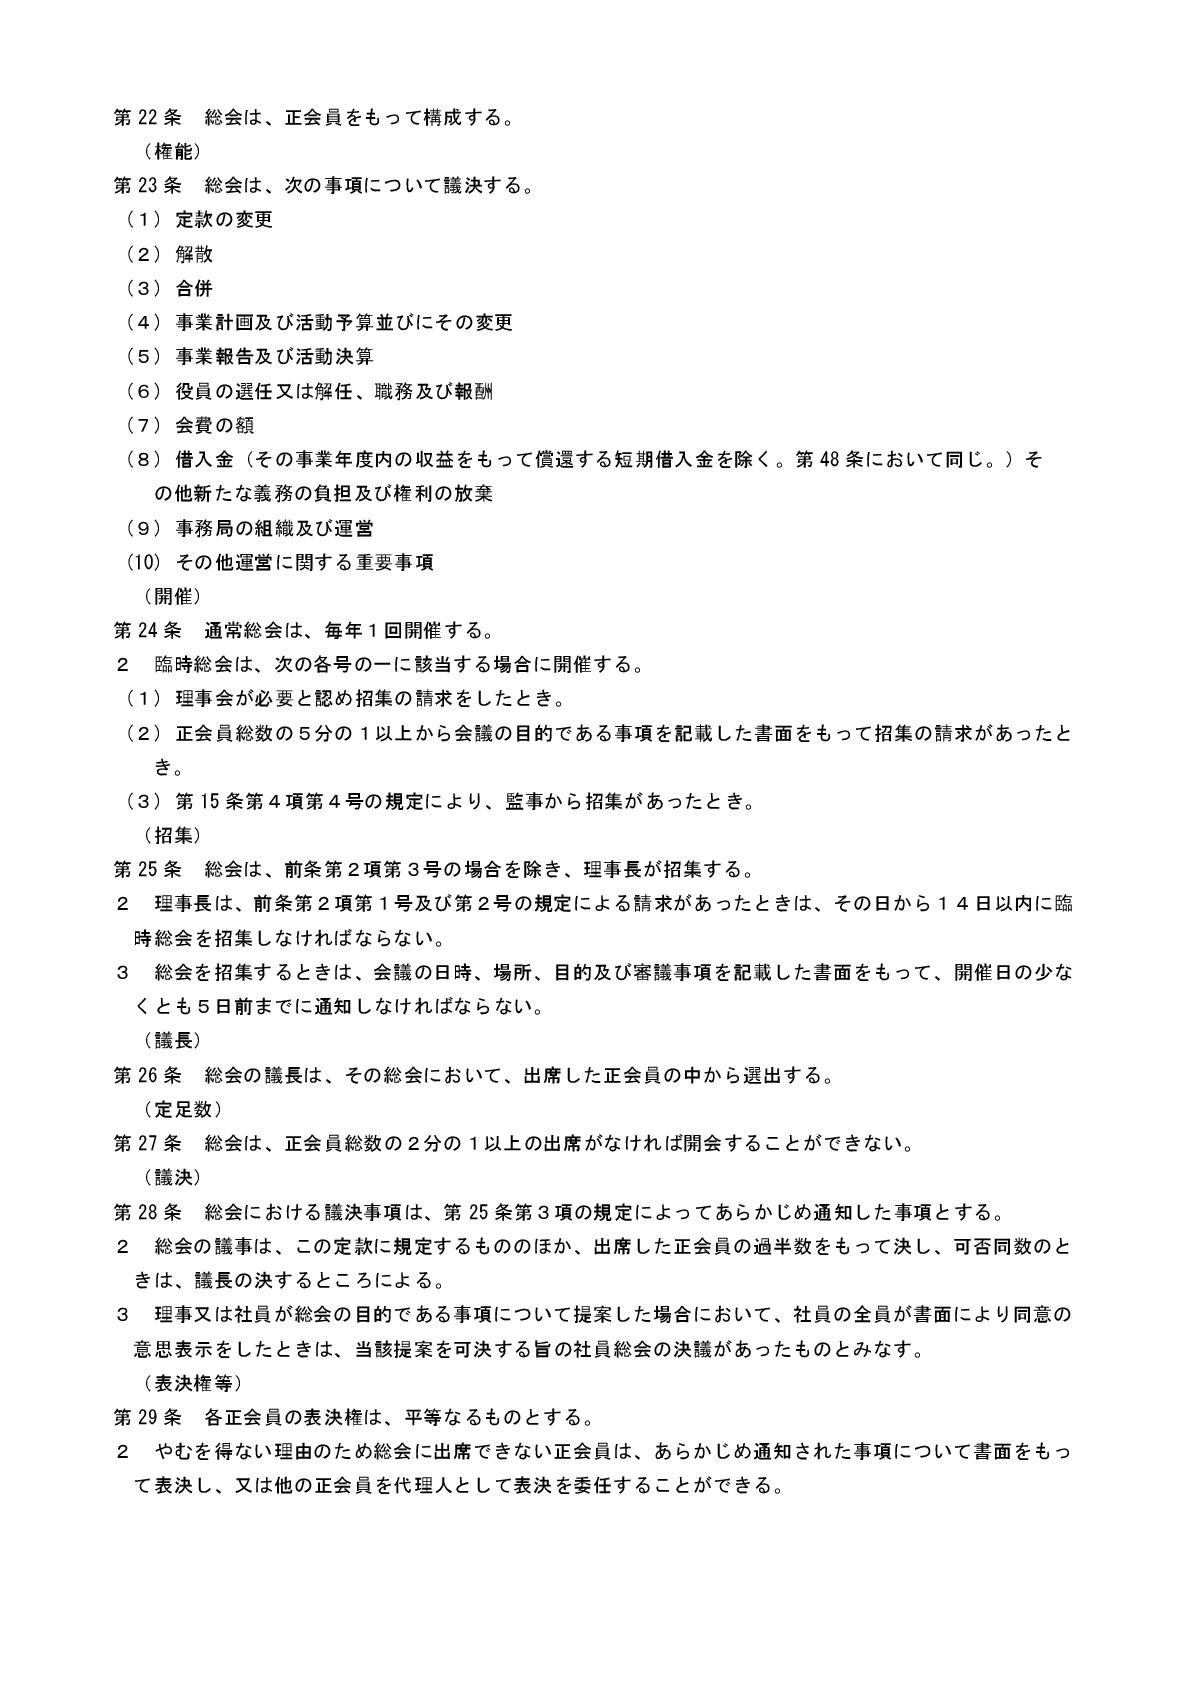 定款ページ4